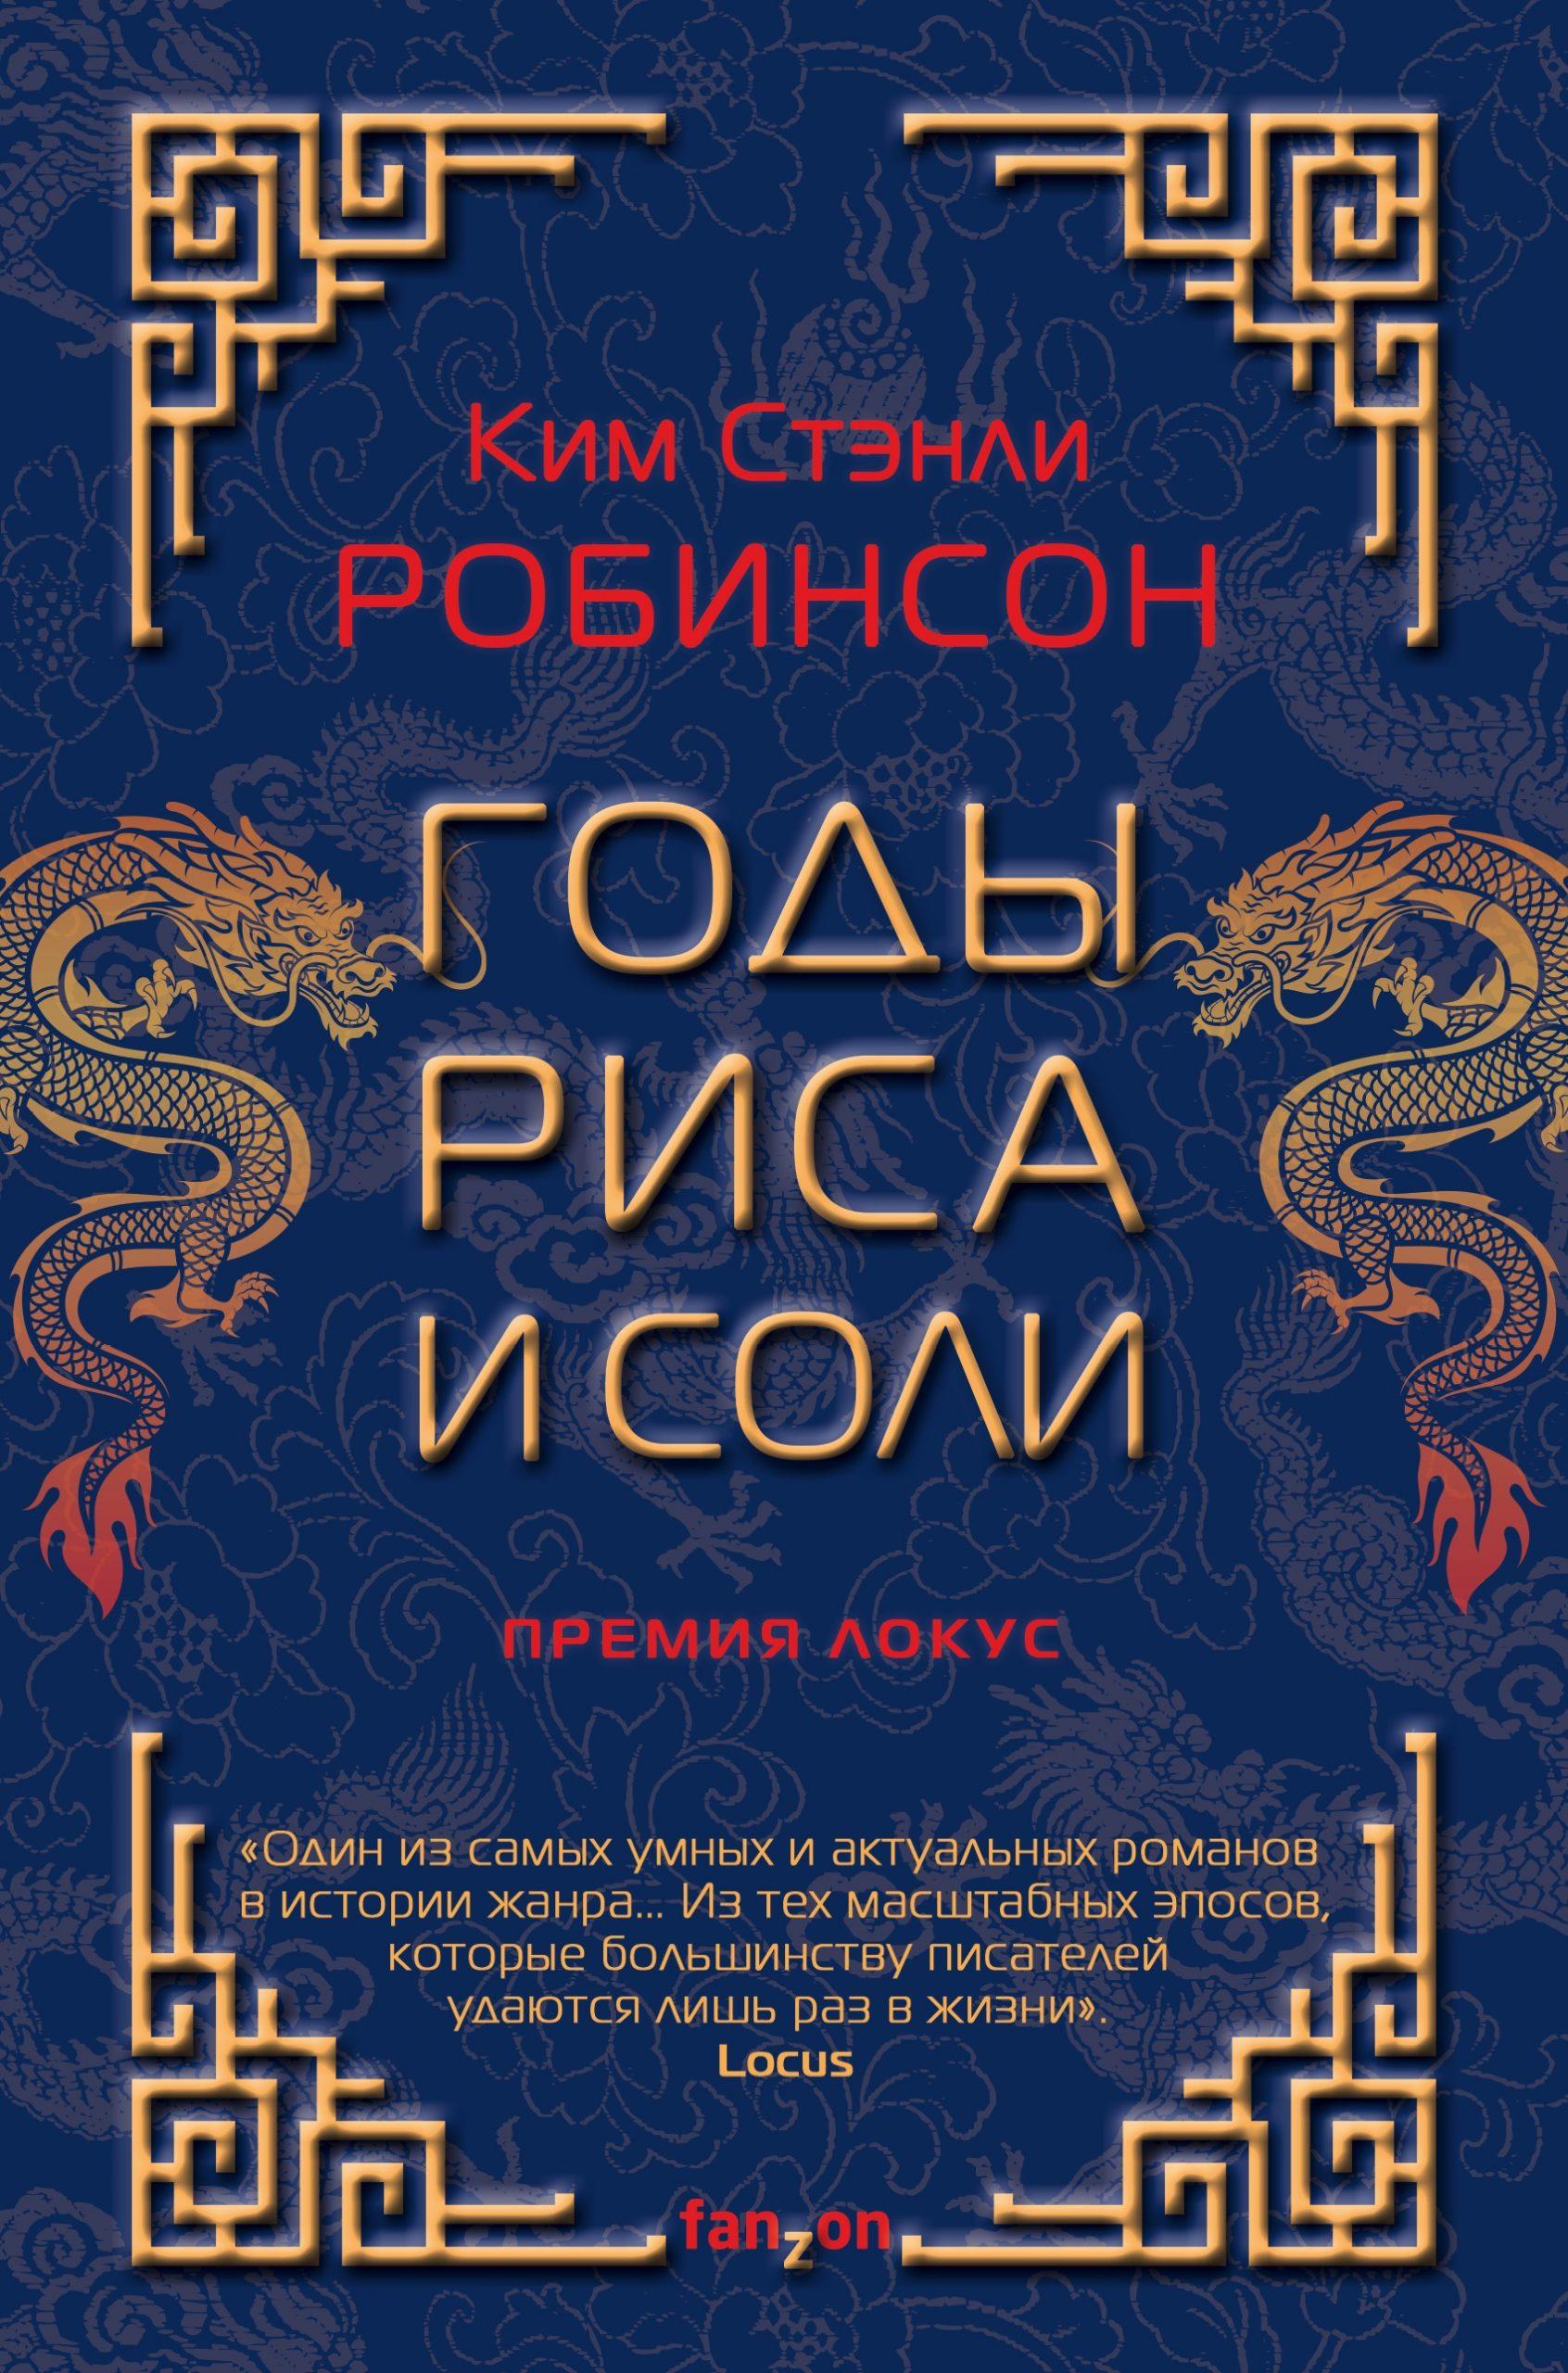 Читаем книгу «Годы риса и соли» Кима Стэнли Робинсона 1